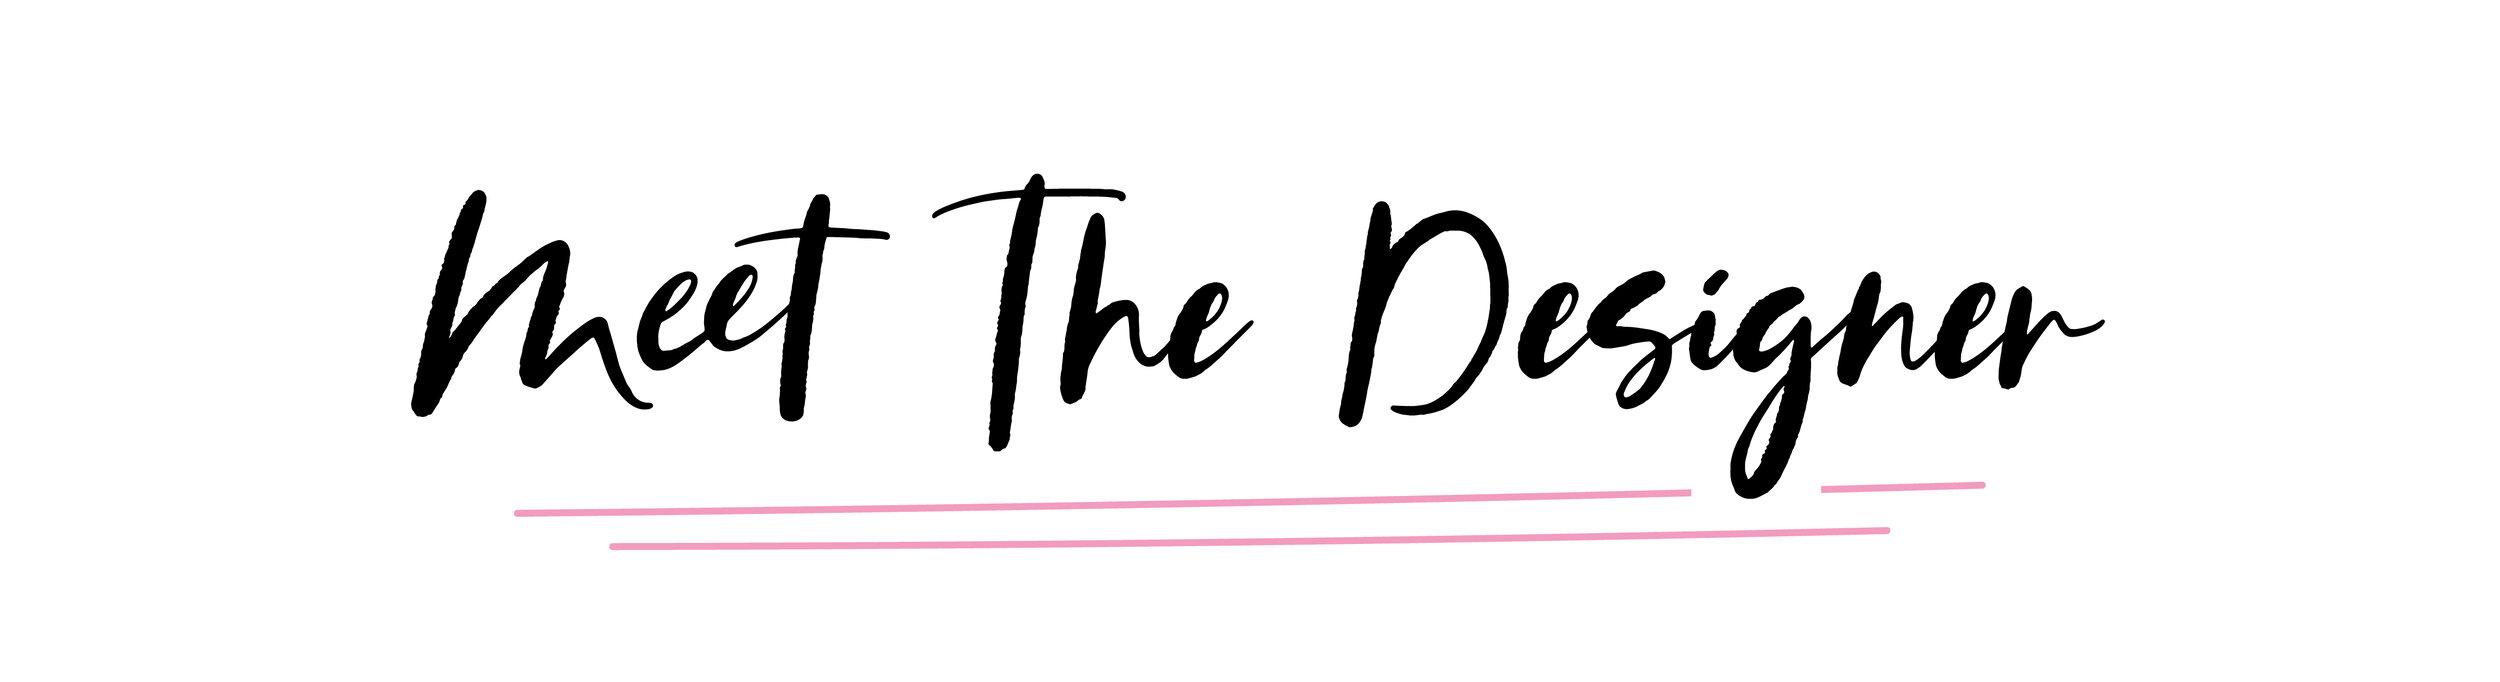 Meet The Designer - shopmkkm.com